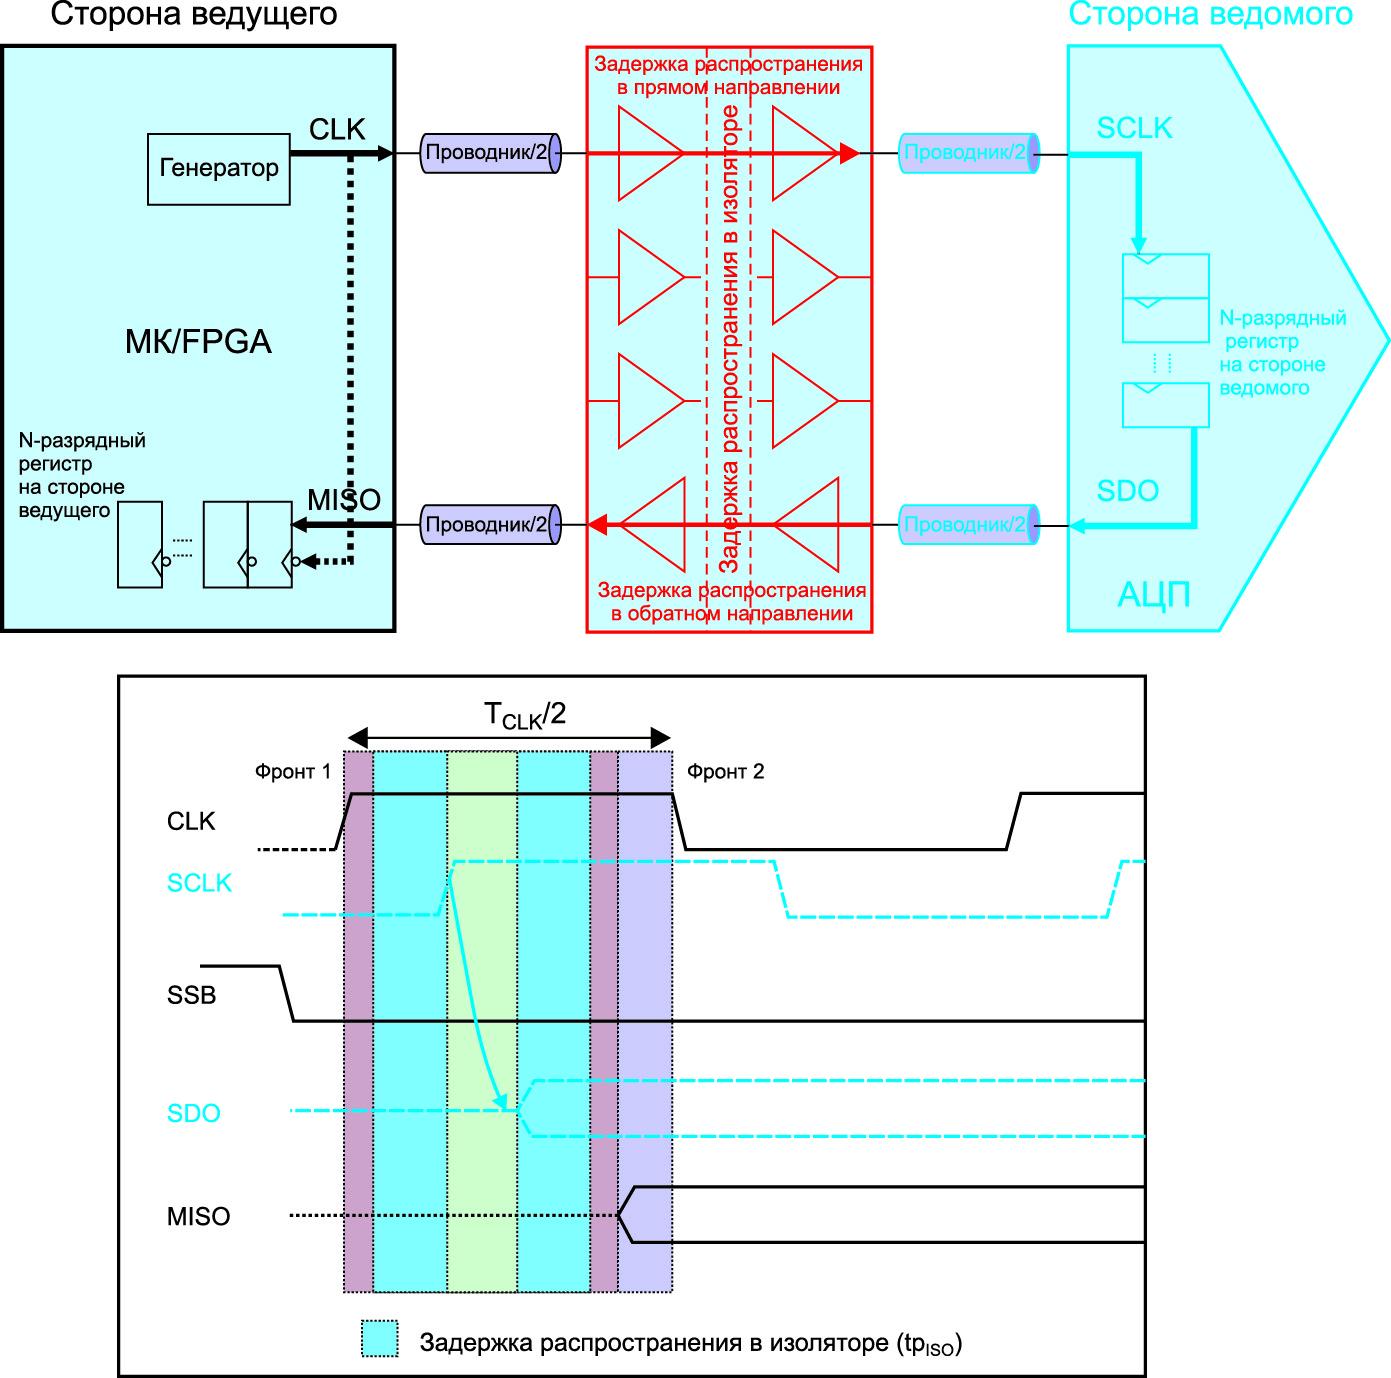 Блок-схема изолированного интерфейса SPI для передачи данных из АЦП в МК и временная диаграмма его работы